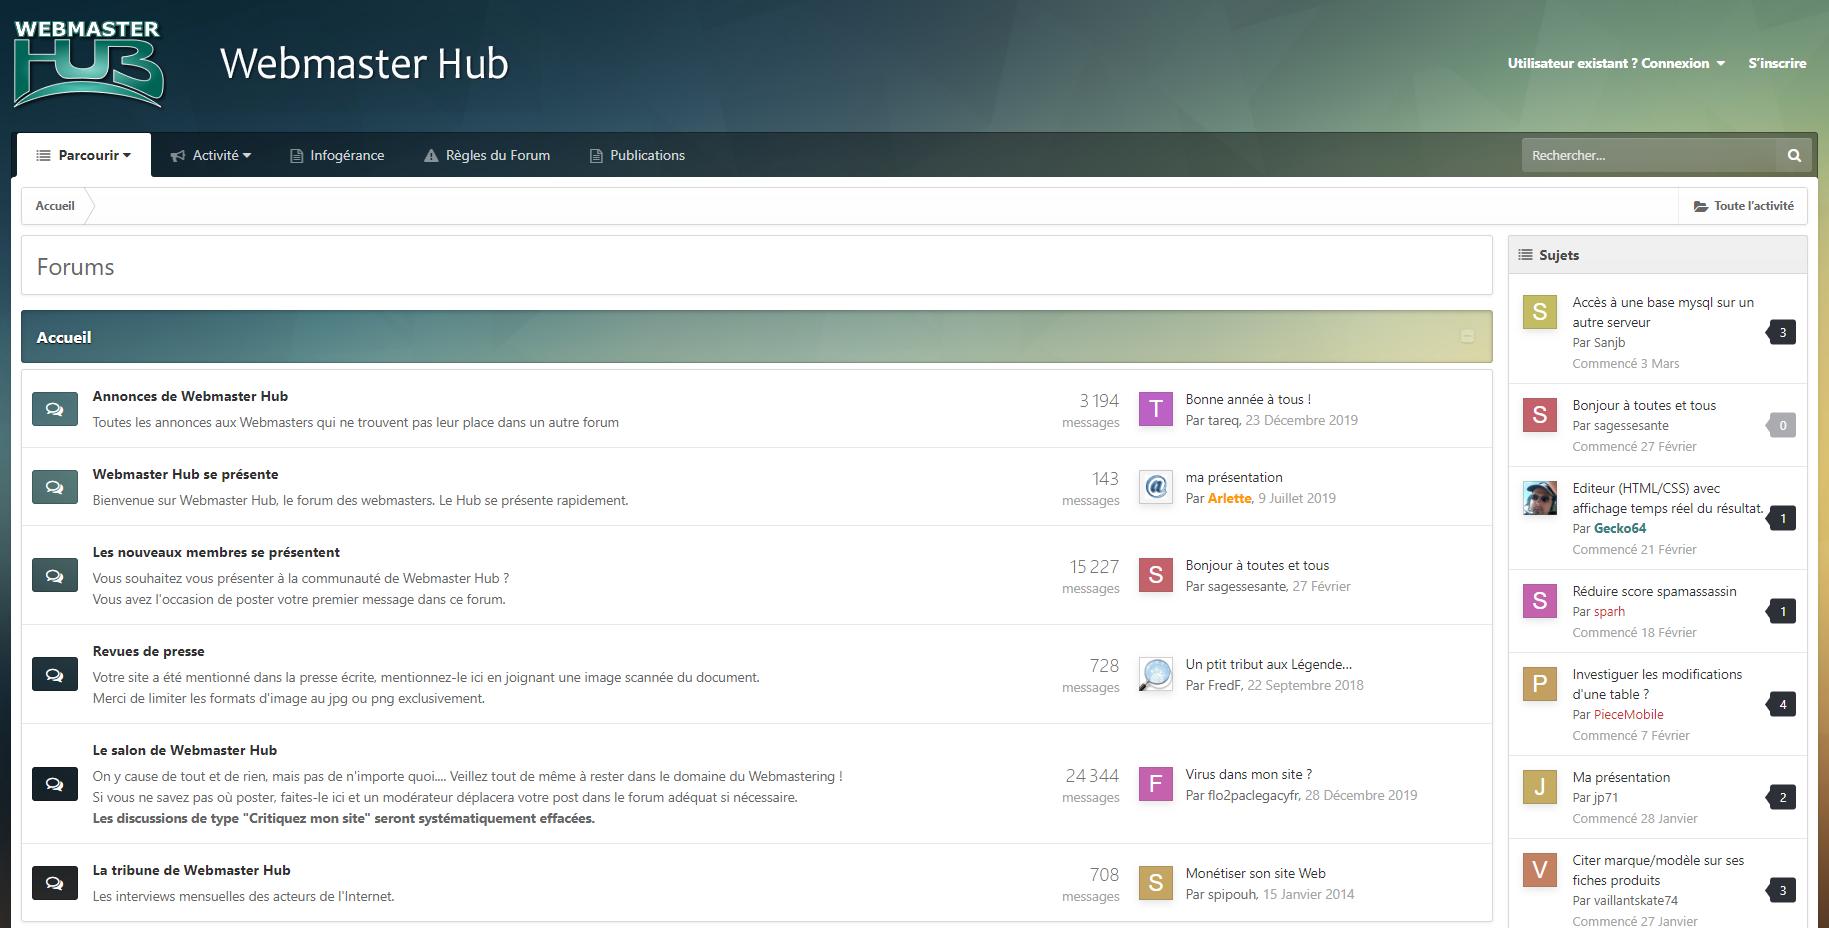 webmaster hub